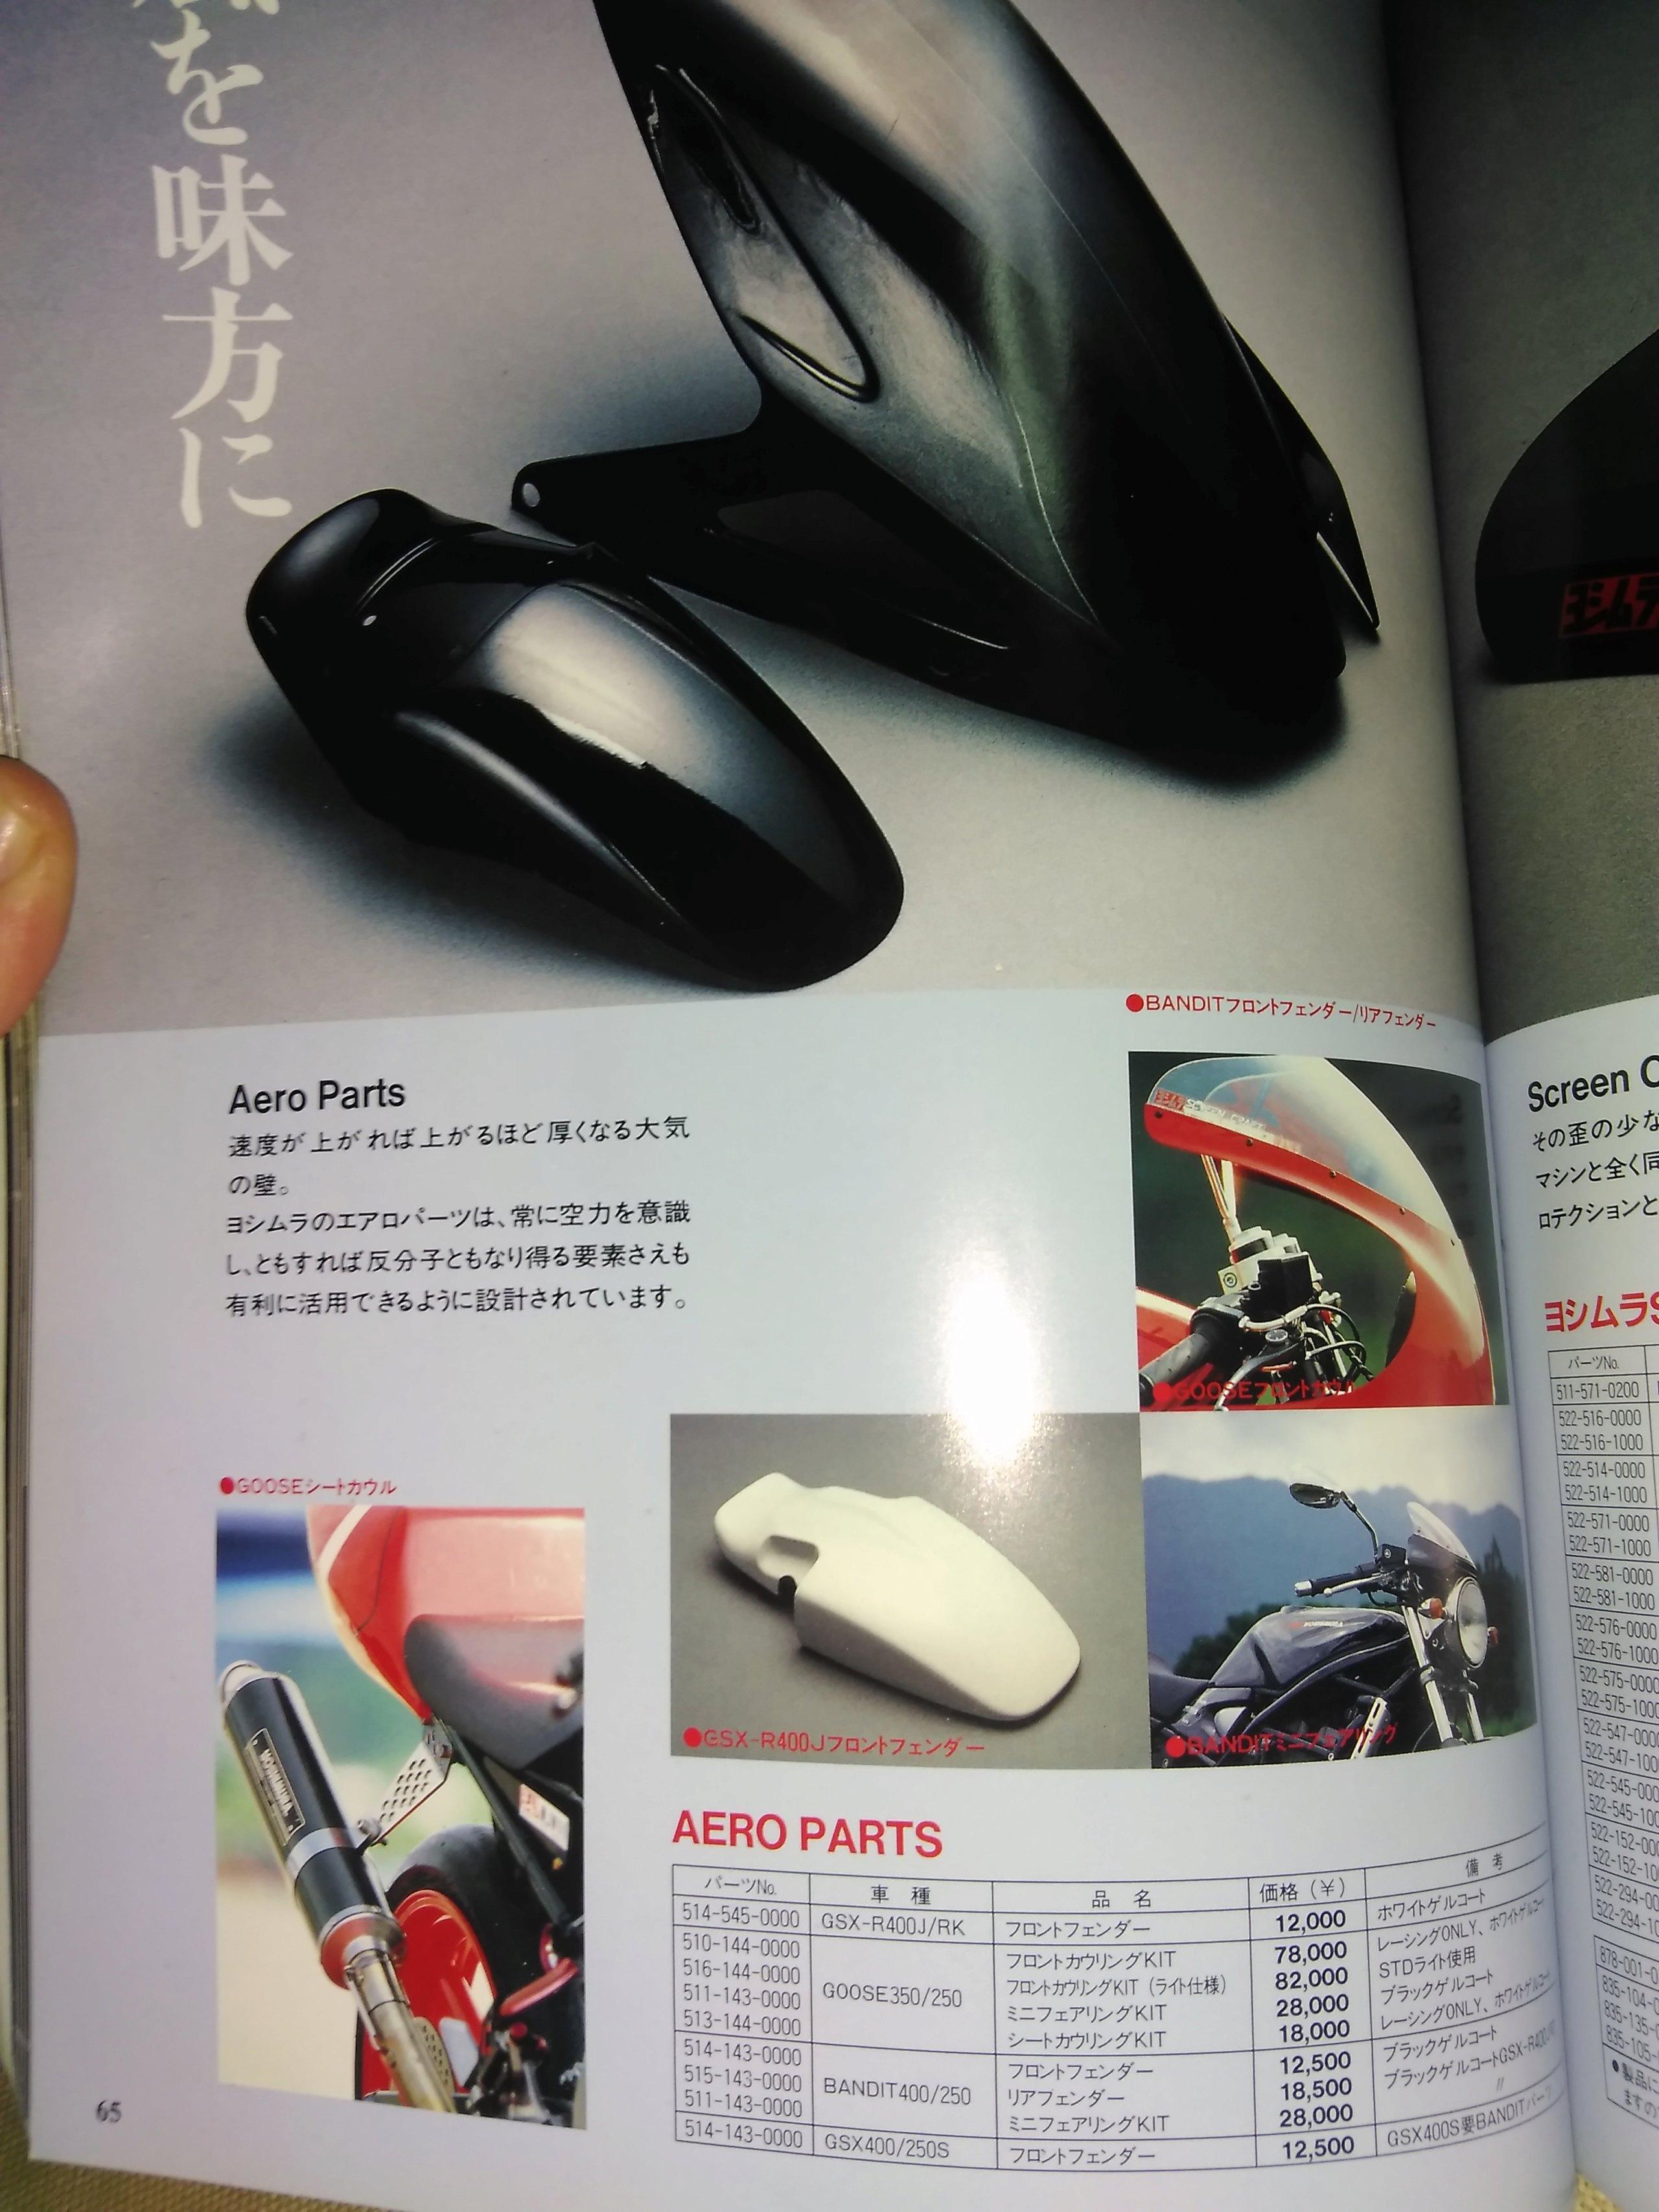 ATENCION, porno duro: Catalogo de chuches Yoshimura 93-95 Img_2025